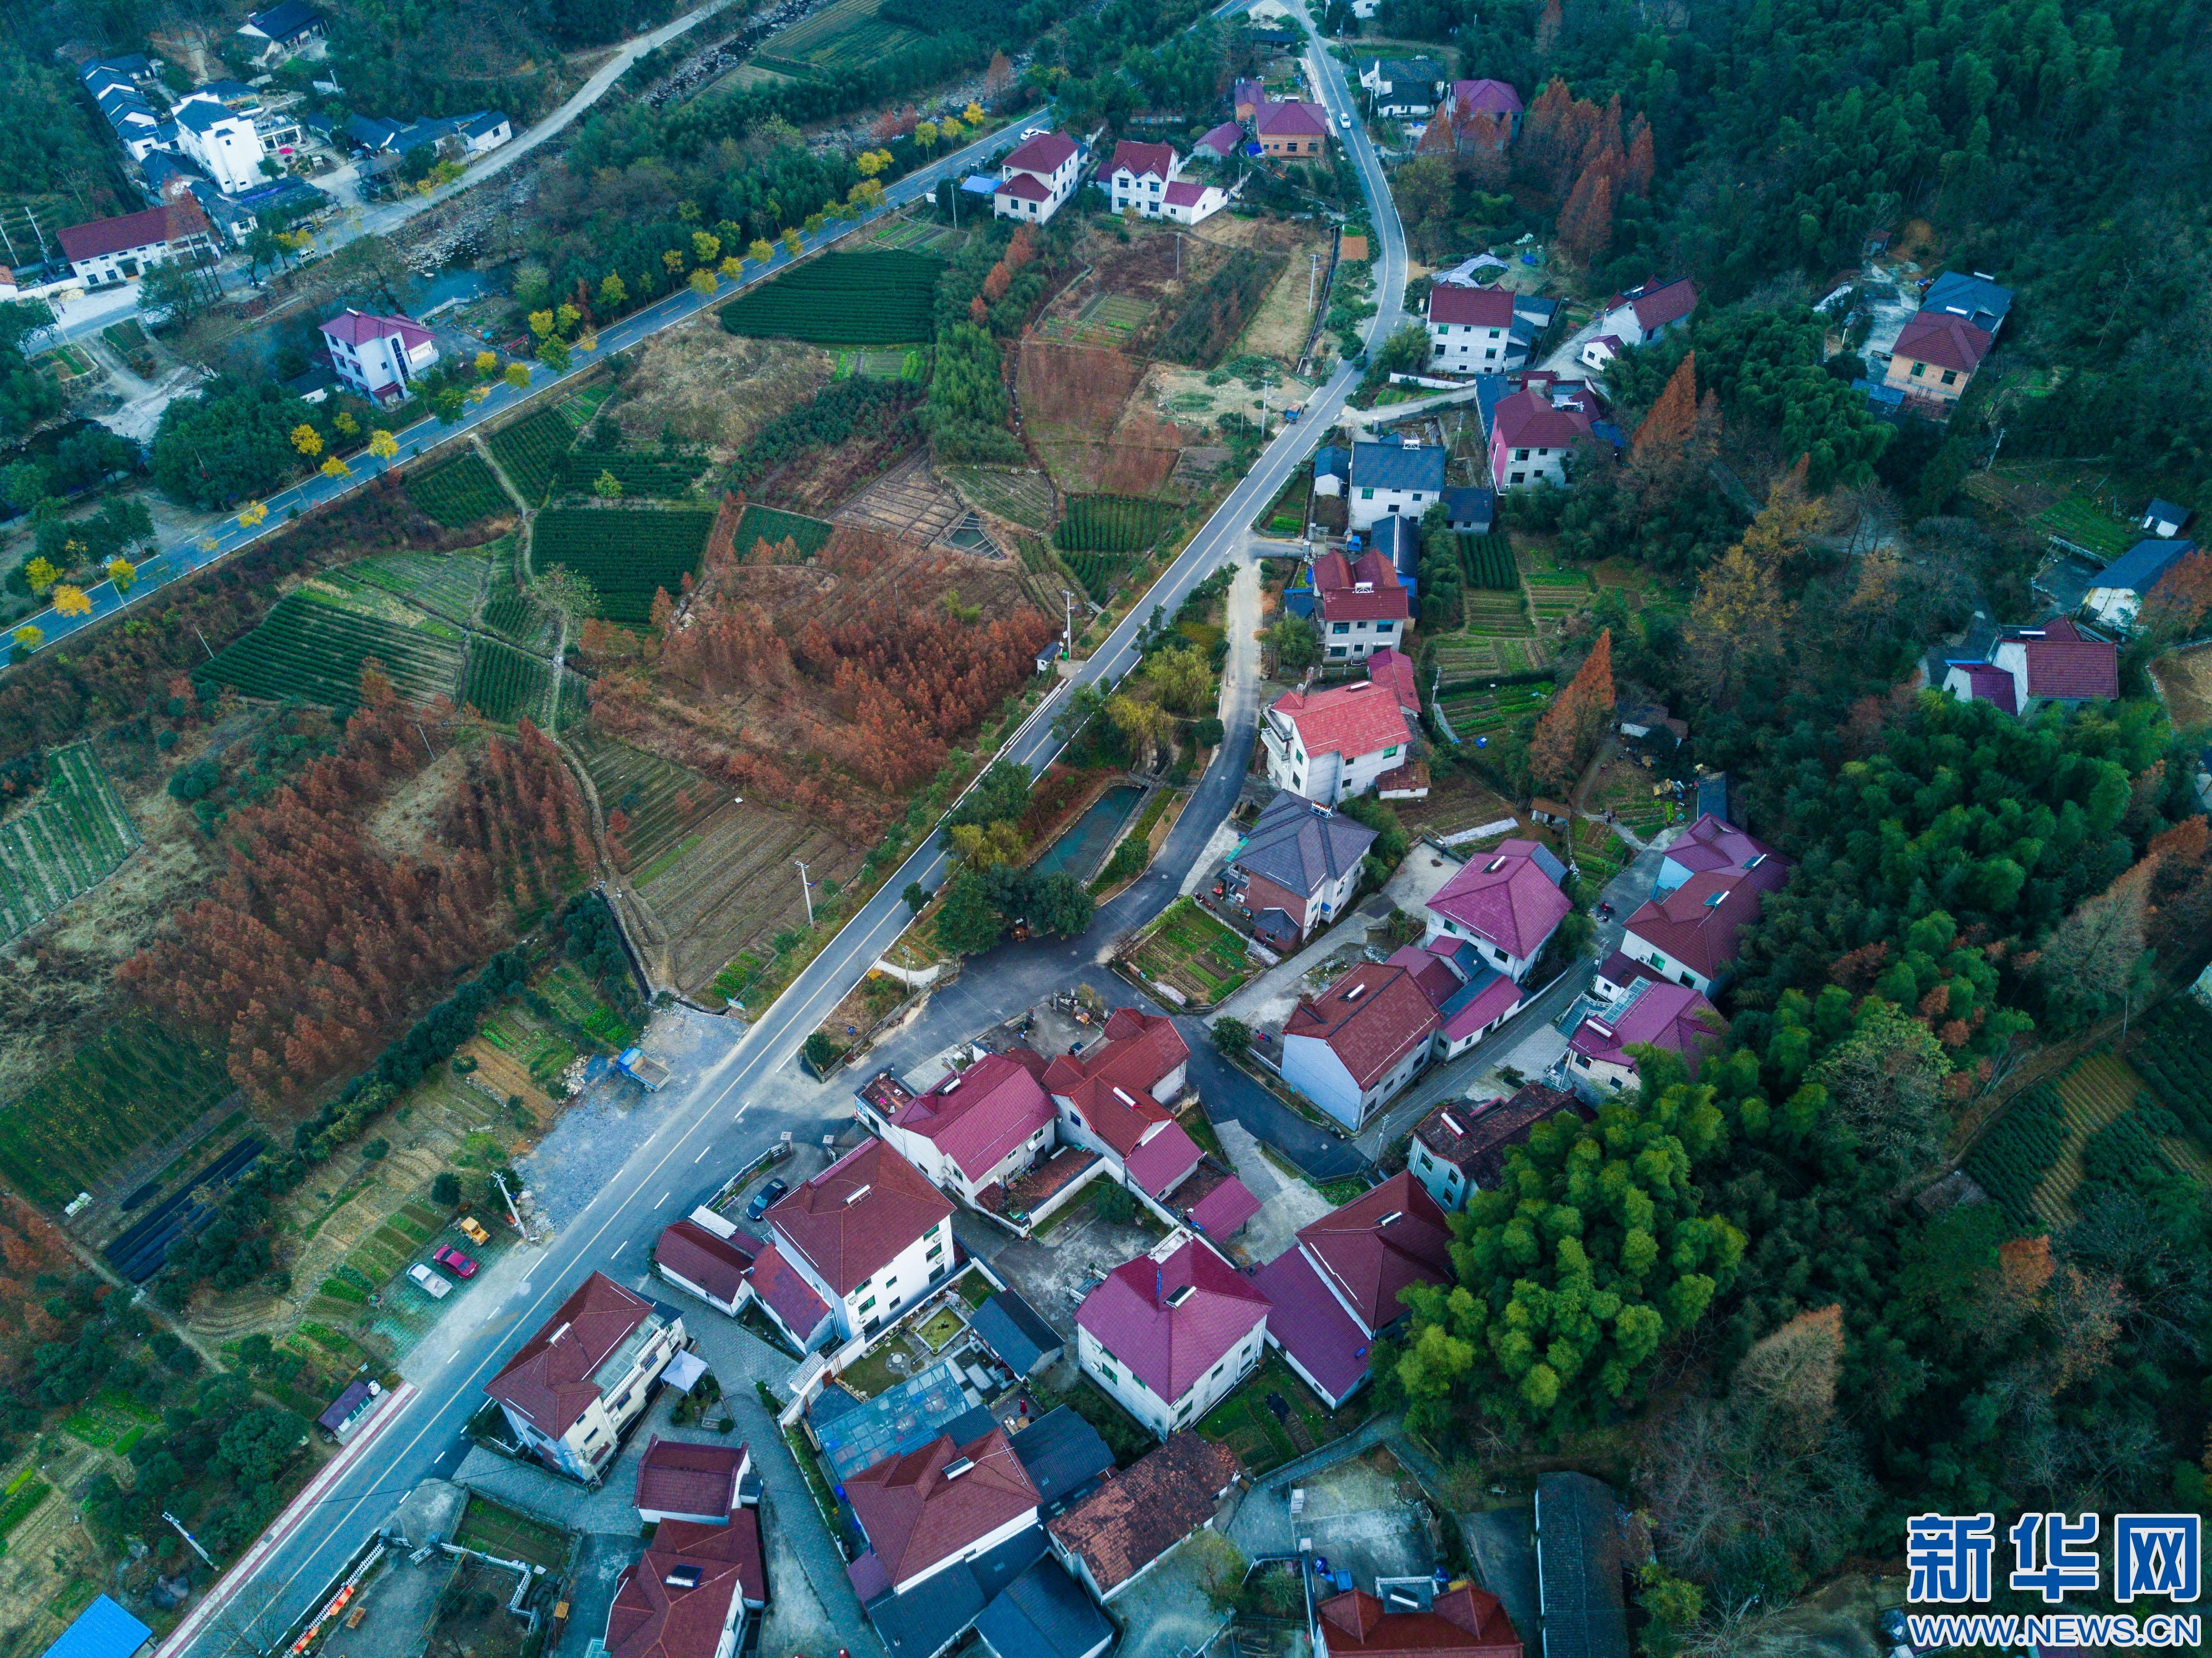 浙江安吉:美丽乡村 多彩风景